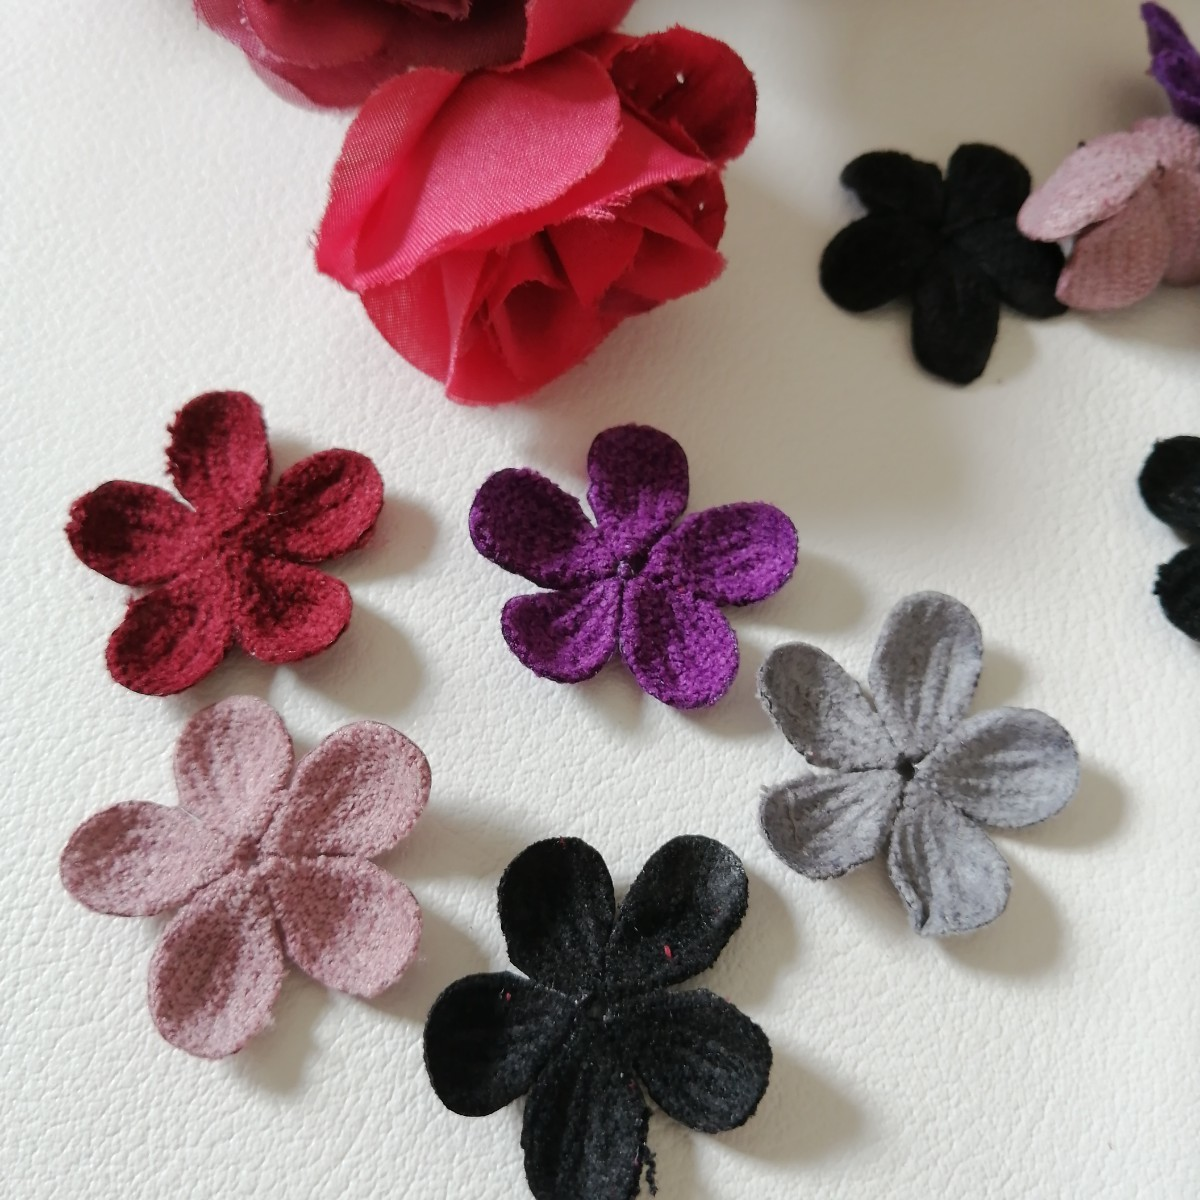 ハンドメイド ワッペン   刺繍 綺麗なワッベン 手作り 花モチーフ ニット 1